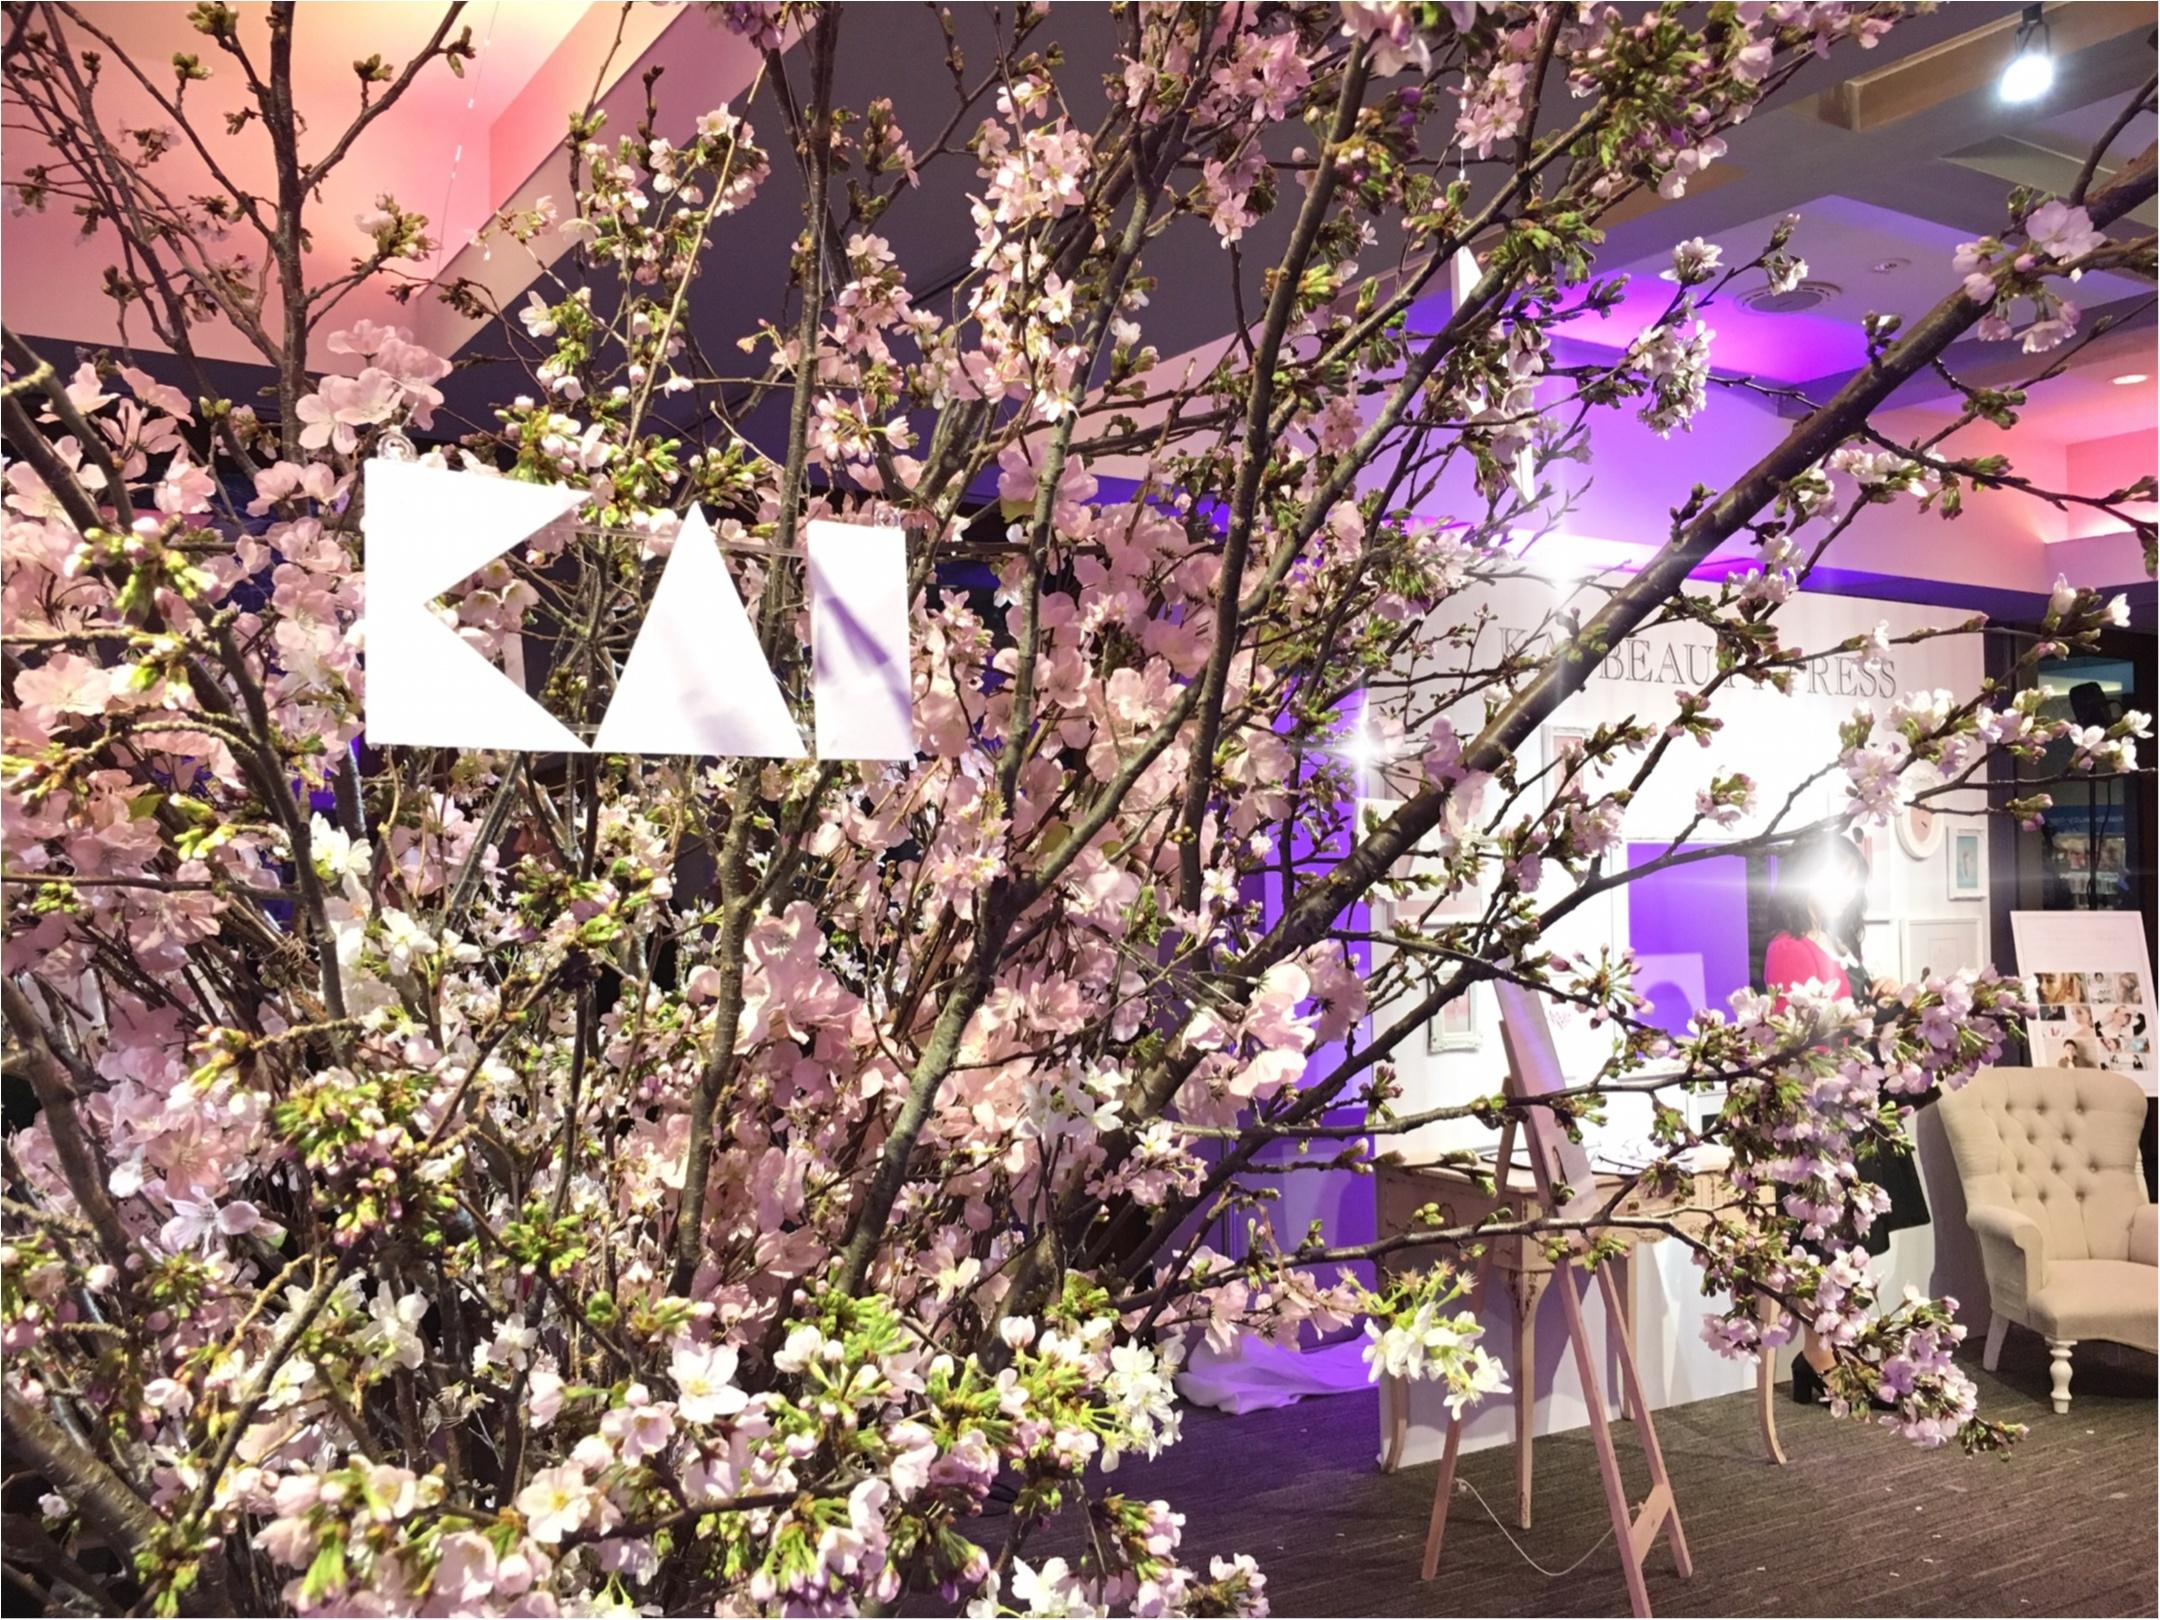 『貝印』シークレットイベント「KAI BEAUTY PARTY」にライターゆうりが潜入! そこは桜舞うスペシャルな空間♡_2